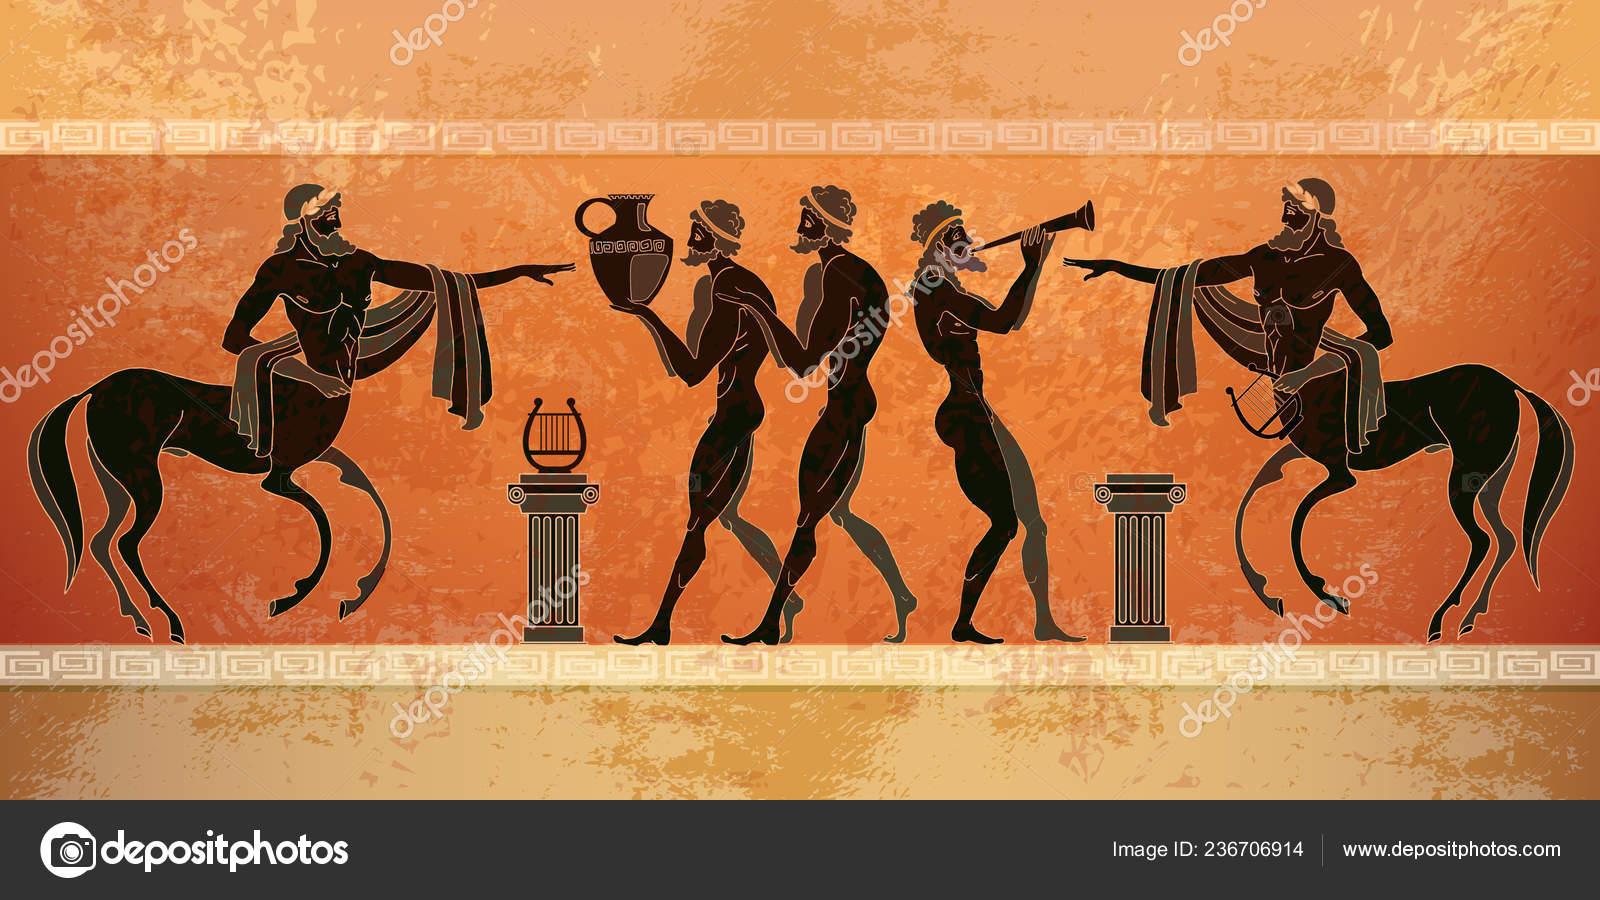 Centauro Grecia Cerámica Mitología Antigua Personas Negras Figuras KcJlTF1